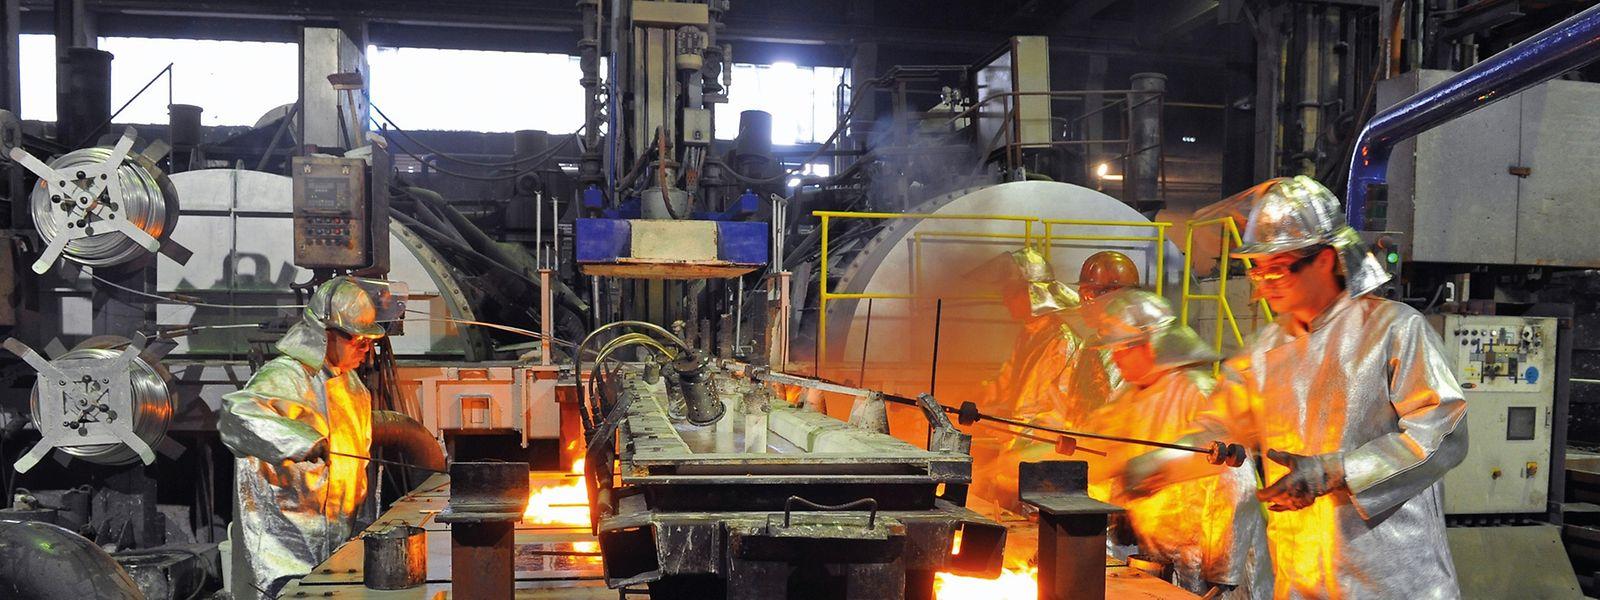 Durch Zukauf hat Metalcorp kürzlich seine Produktionskapazität von Aluminium auf 140000 Tonnen im Jahr erhöht.